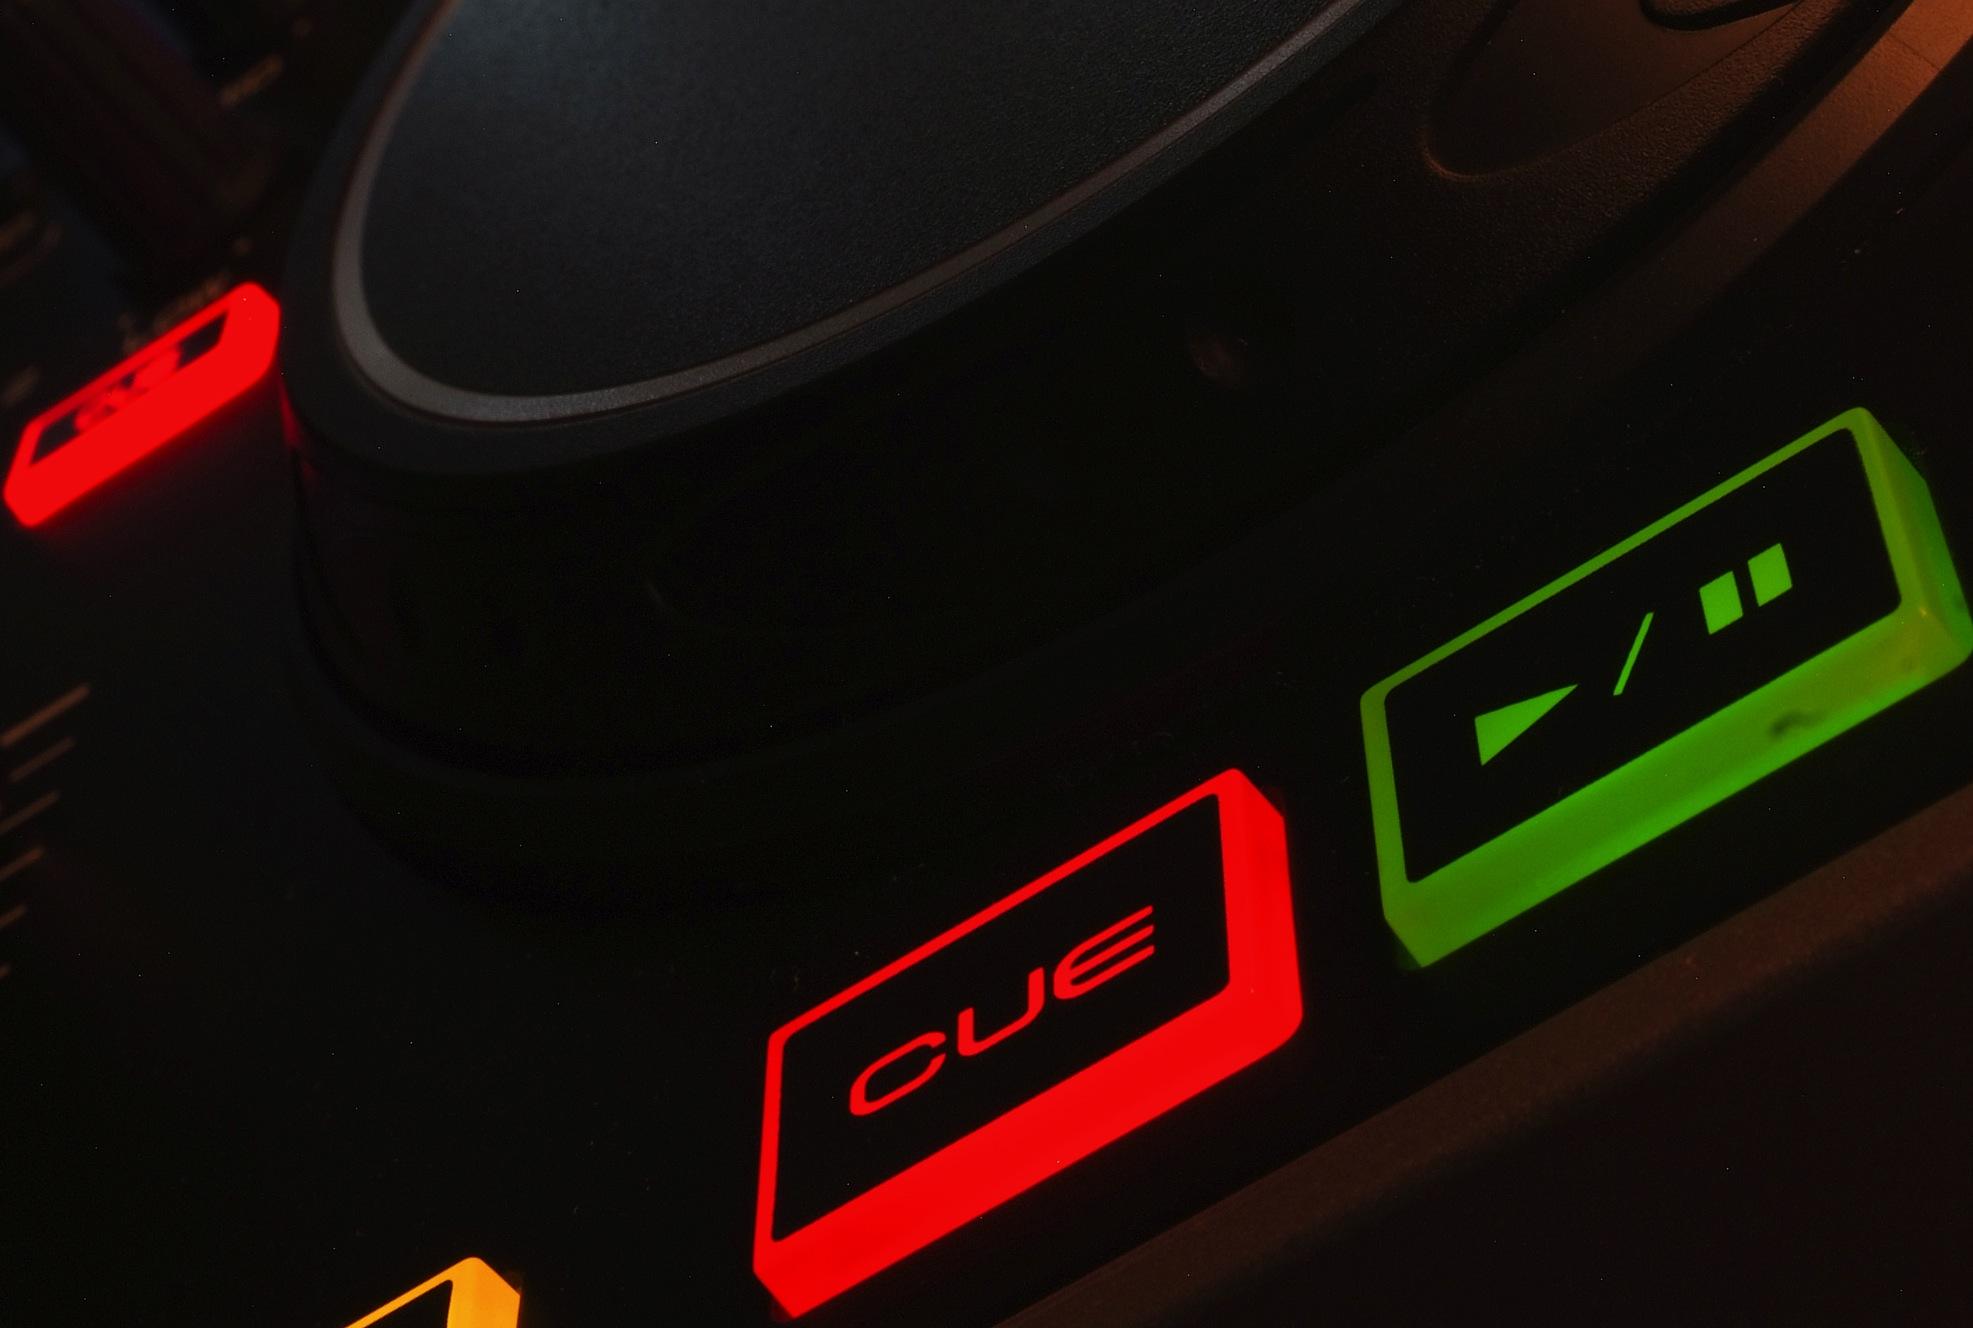 Denon MC2000 cue & play buttons